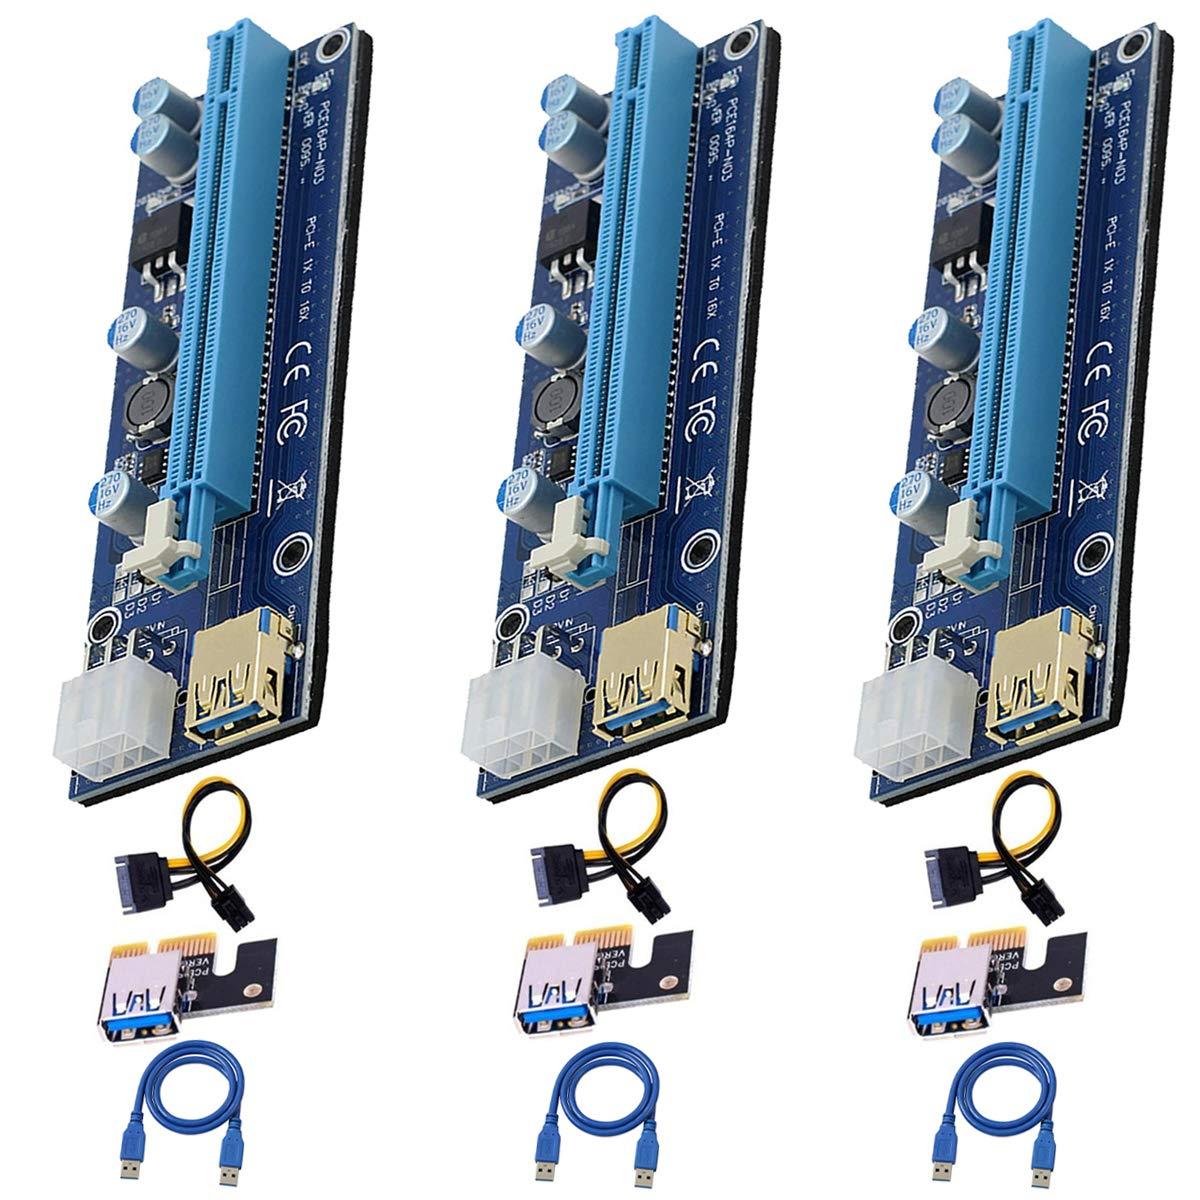 3 Pci-e Riser VER 009S Cripto mineria Con Cable SATA ELIATER